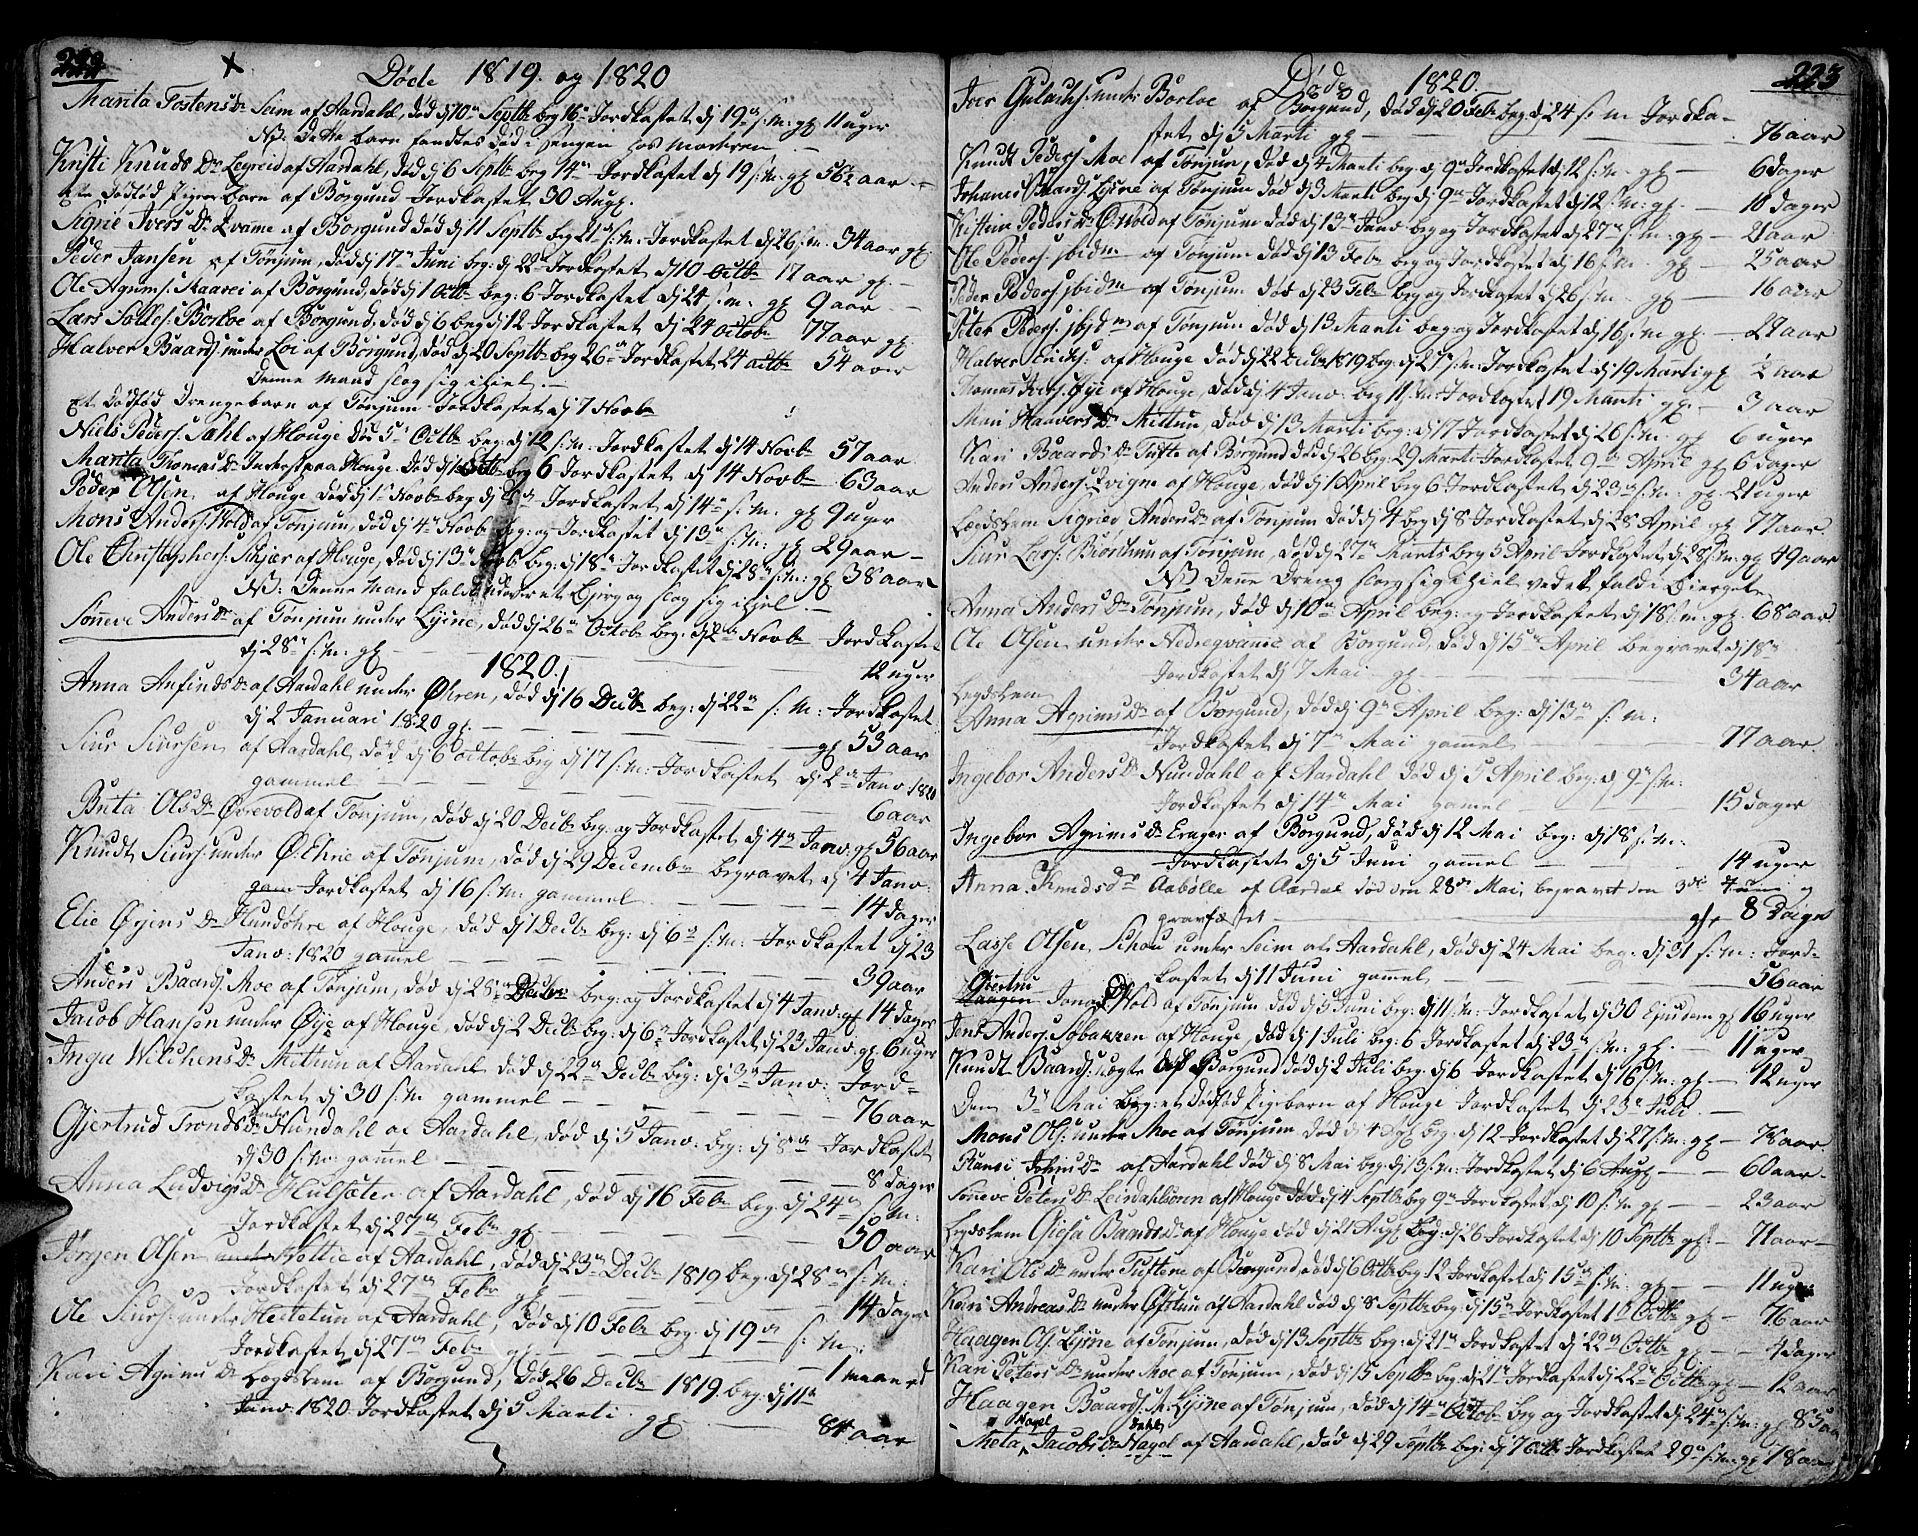 SAB, Lærdal sokneprestembete, Ministerialbok nr. A 4, 1805-1821, s. 222-223